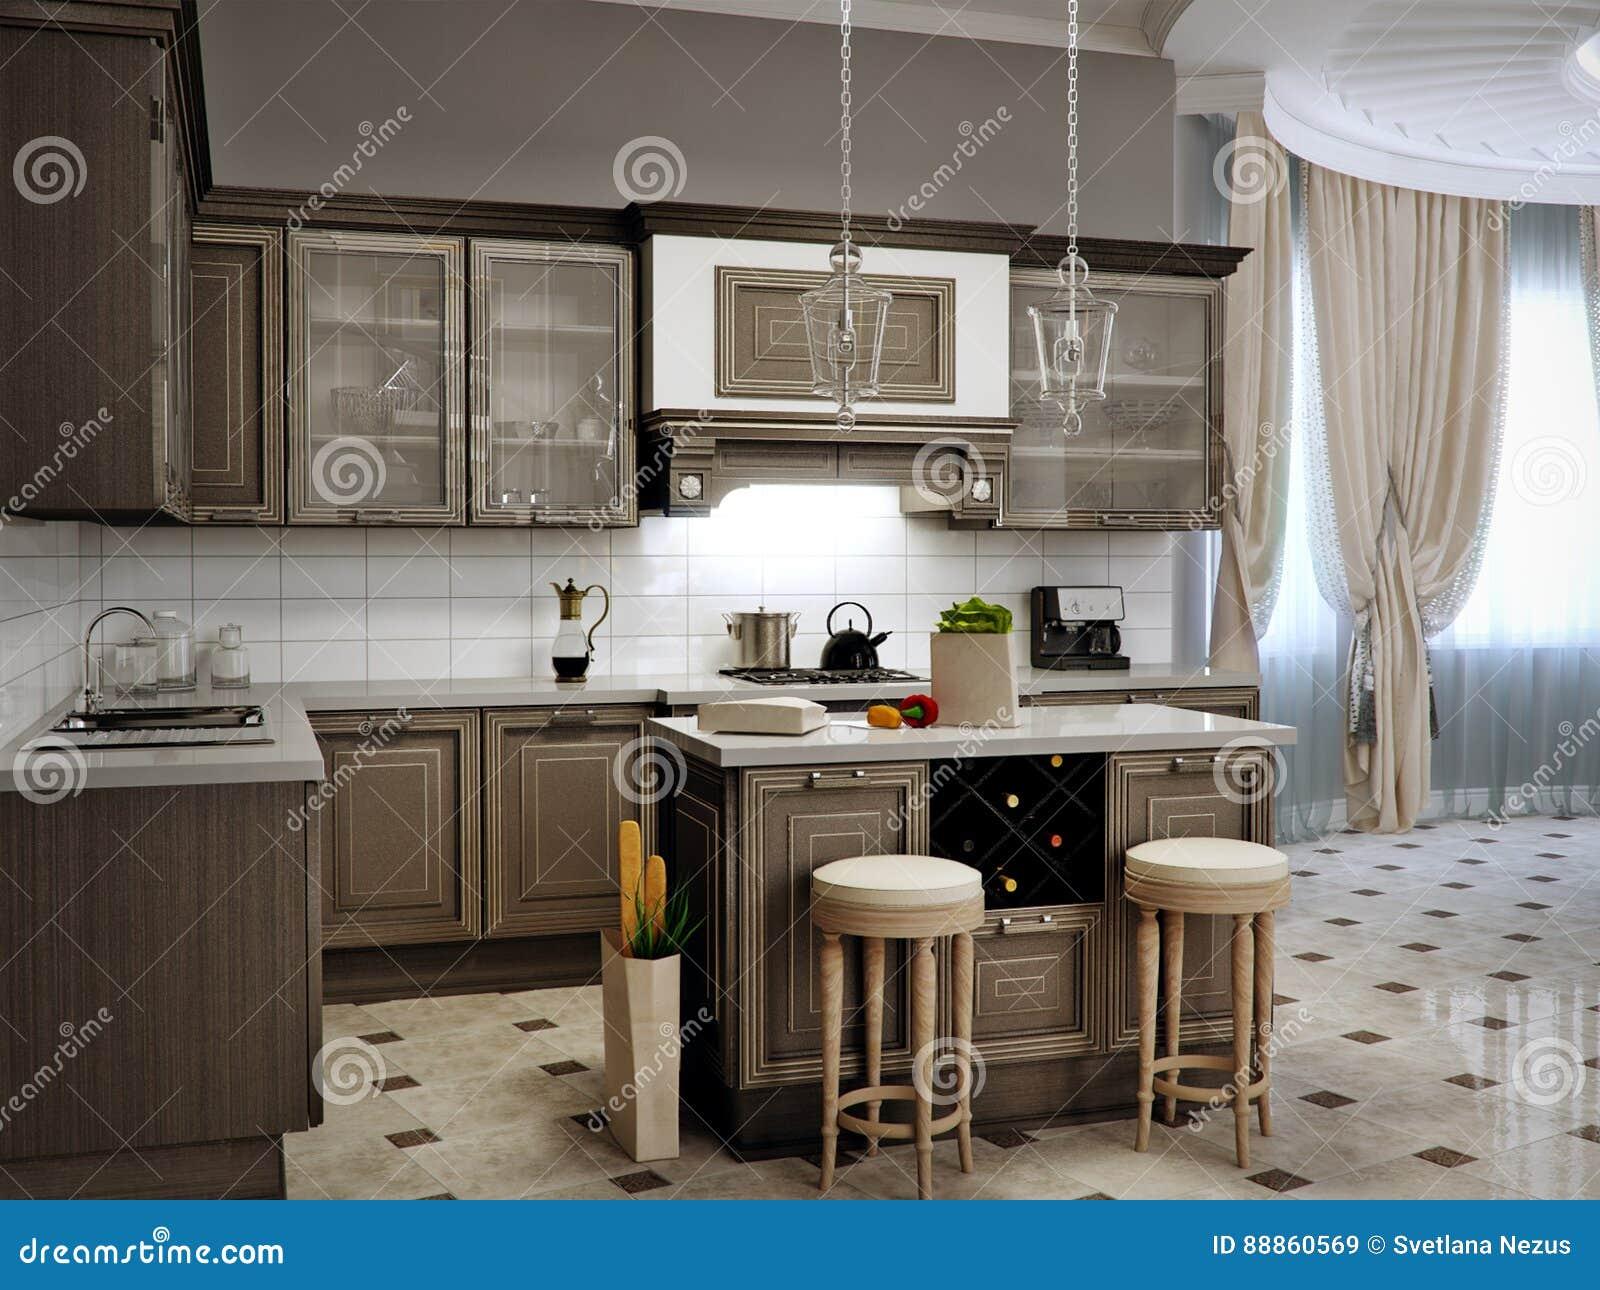 Dise o interior cl sico de la sala de estar de la cocina for Diseno de interiores sala de estar comedor